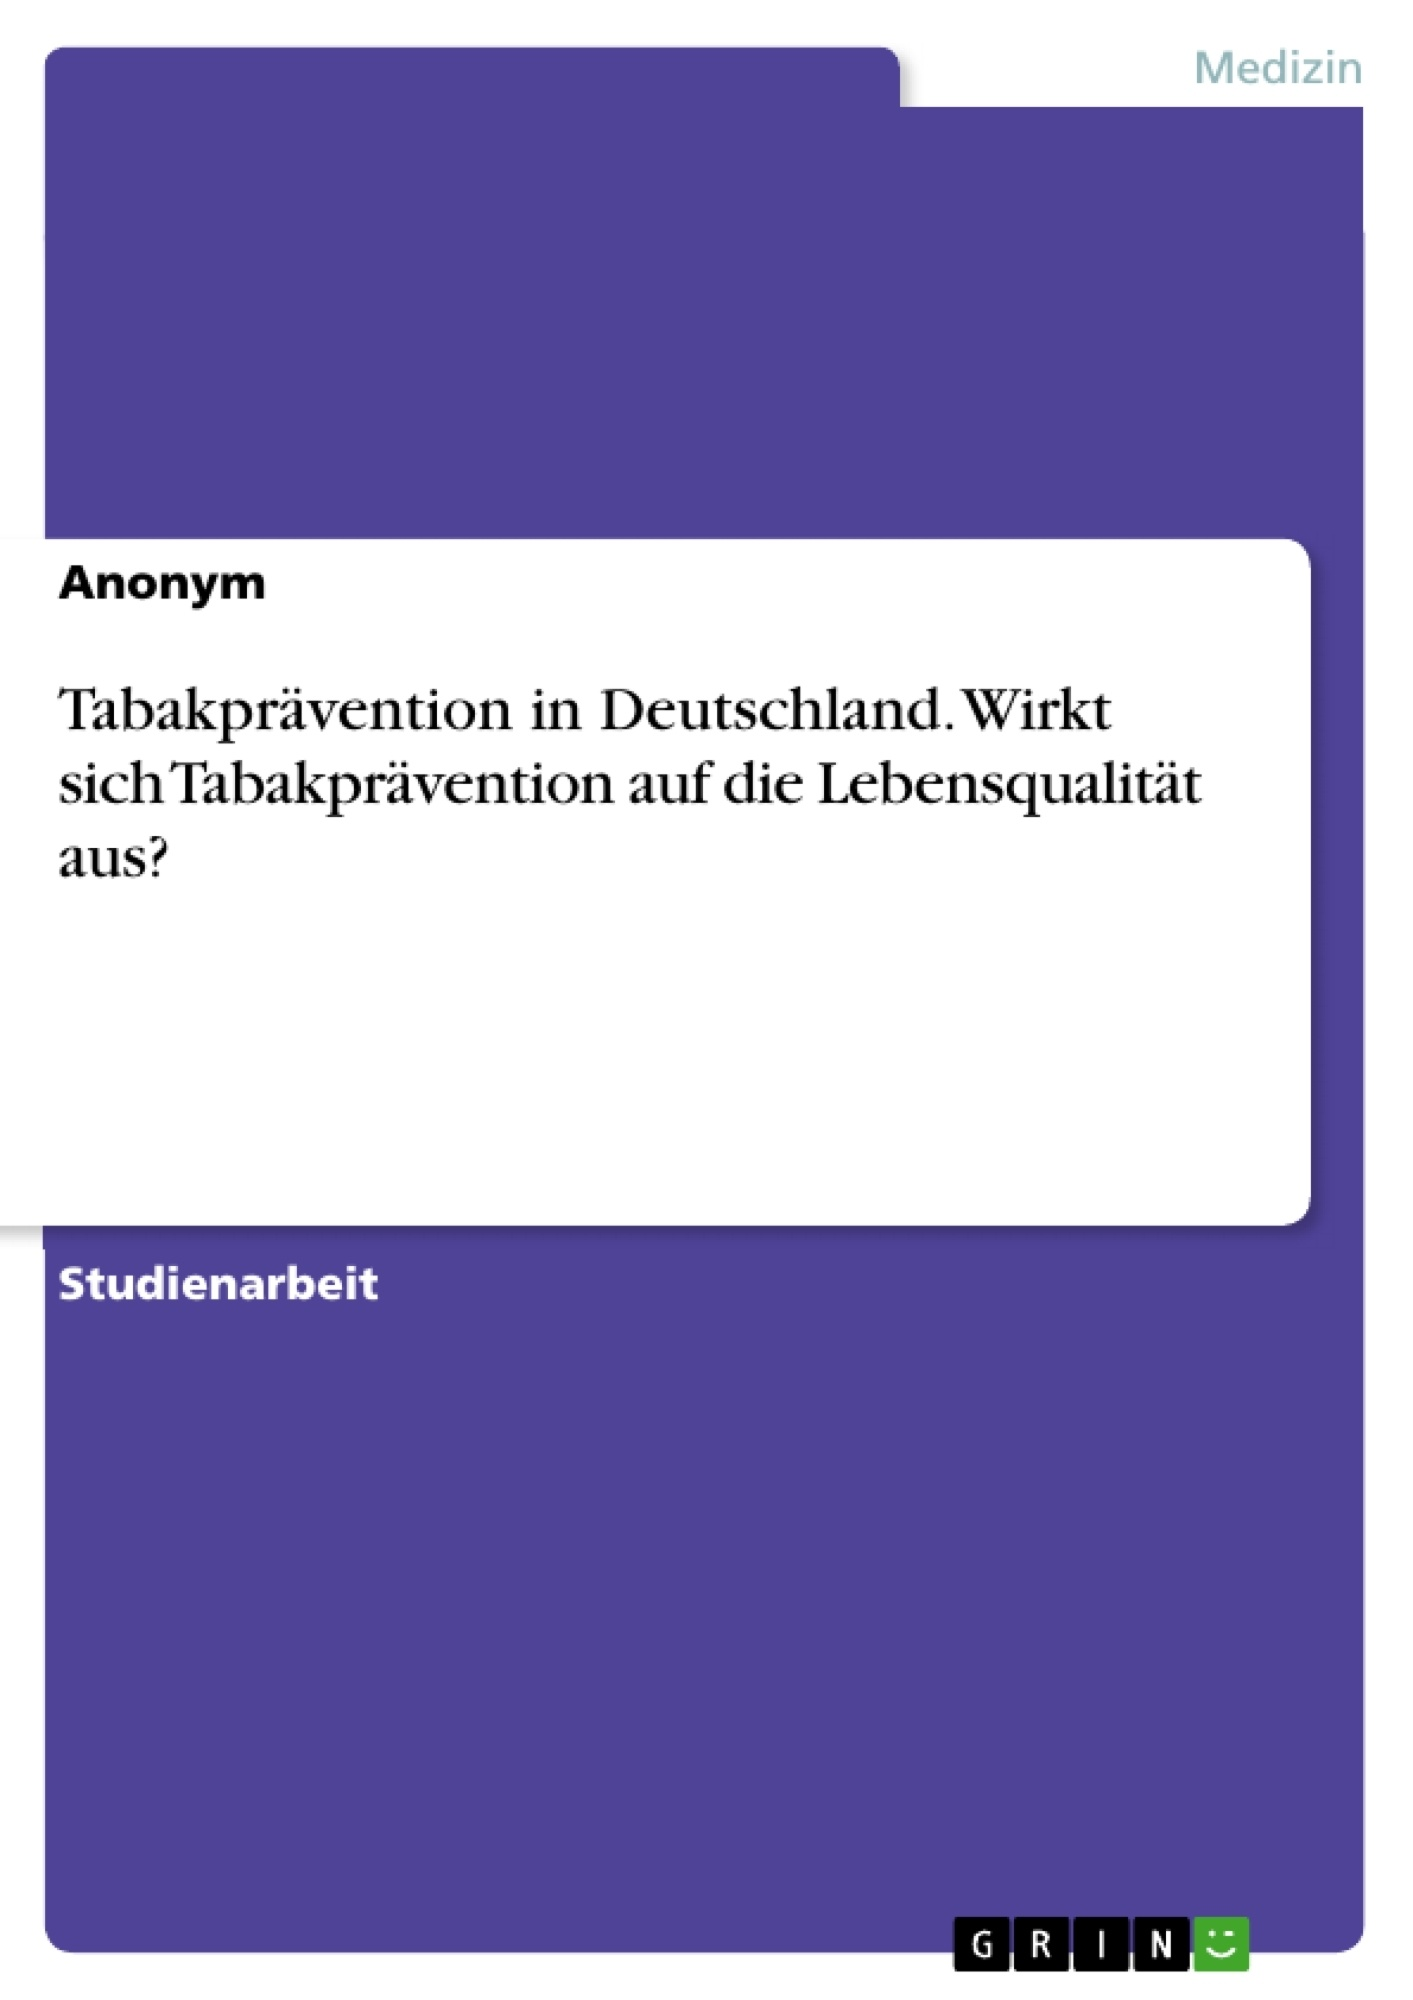 Titel: Tabakprävention in Deutschland. Wirkt sich Tabakprävention auf die Lebensqualität aus?